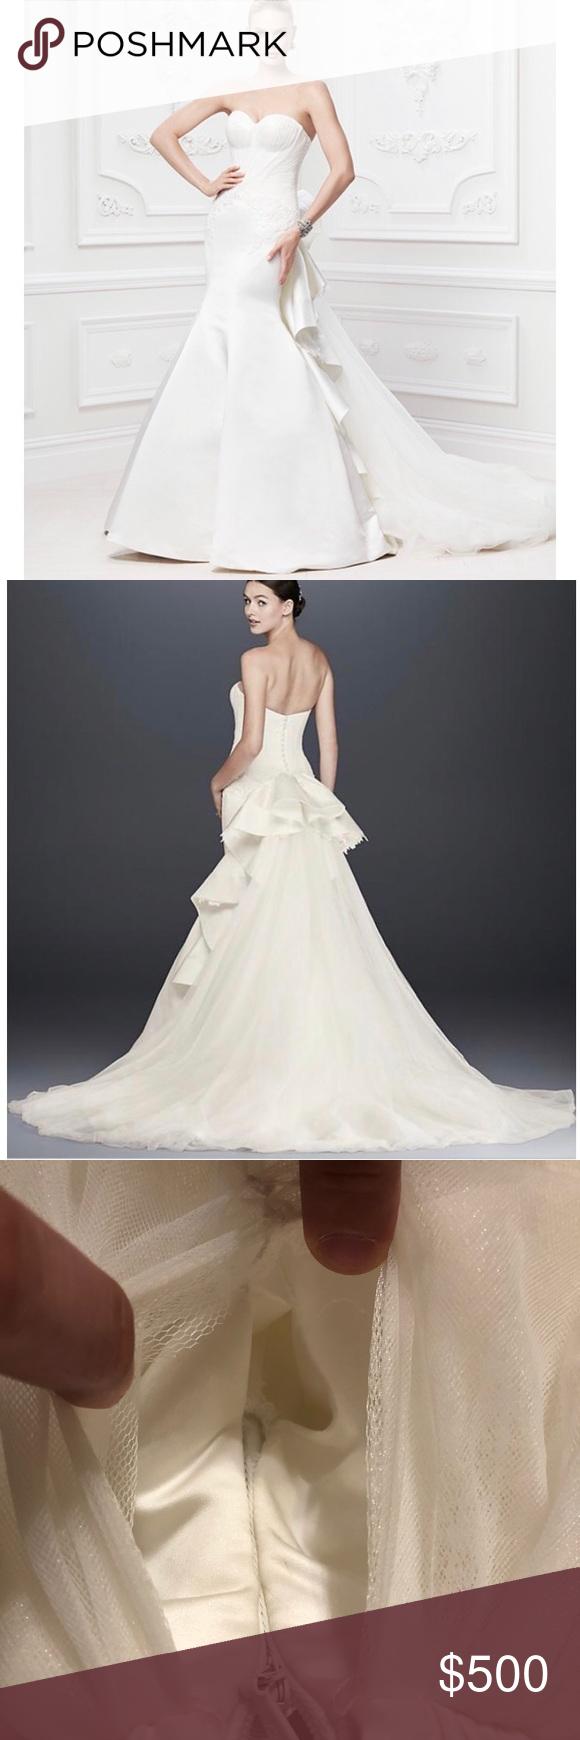 Truly Zac Posen Wedding Dress Wedding Gown Zac Posen Wedding Dress Wedding Dresses Dresses [ png ]